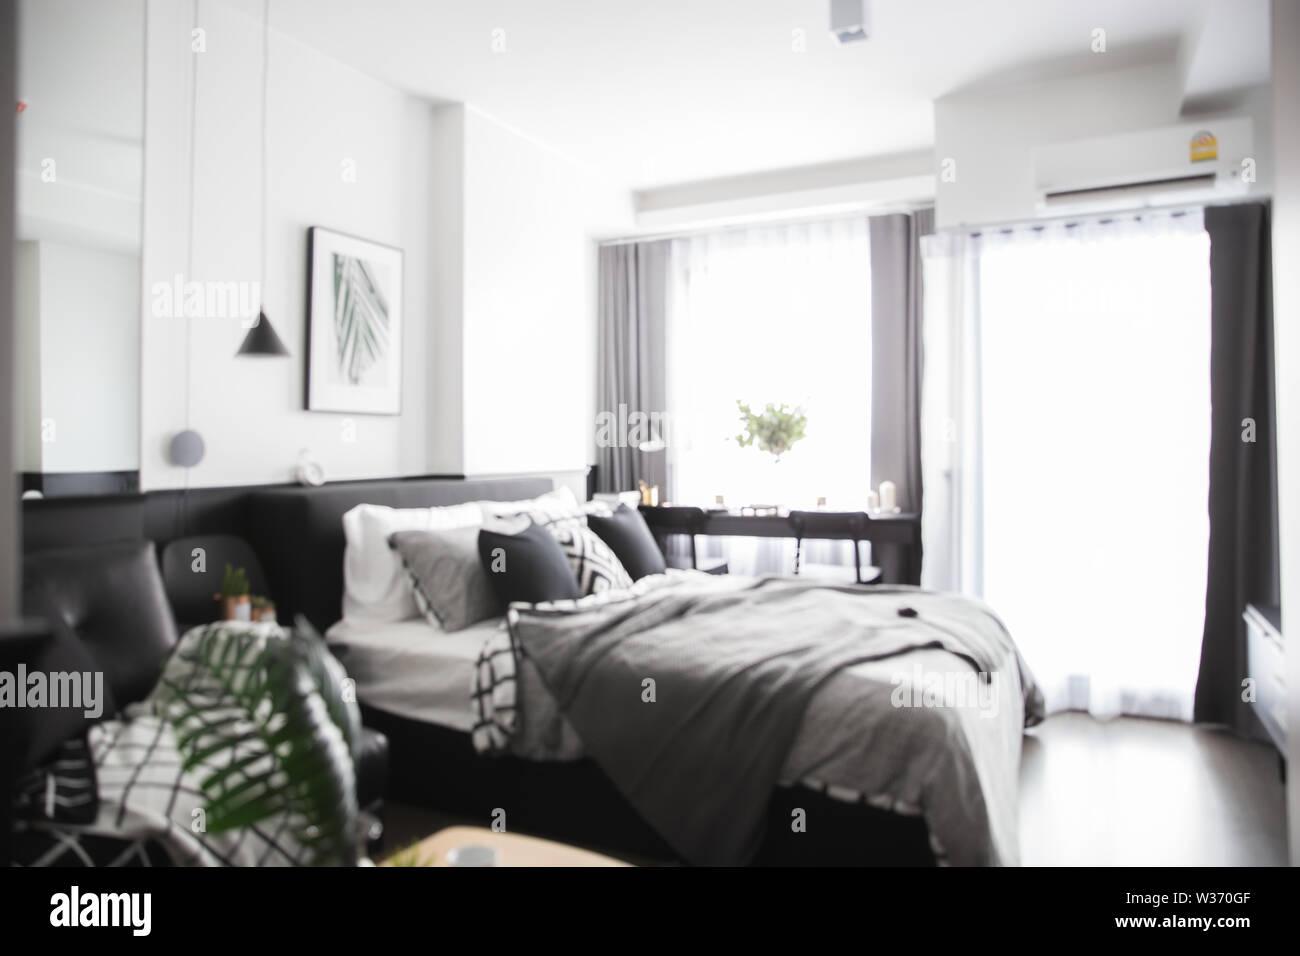 Verschwommen Schlafzimmer Mit Weissen Und Grauen Bett Einfache Poster Uber Dem Bett Hangen Mit Vielen Kissen Und Graue Decke Im Schlafzimmer Einrichtung Mit Grunen Blattern Stockfotografie Alamy